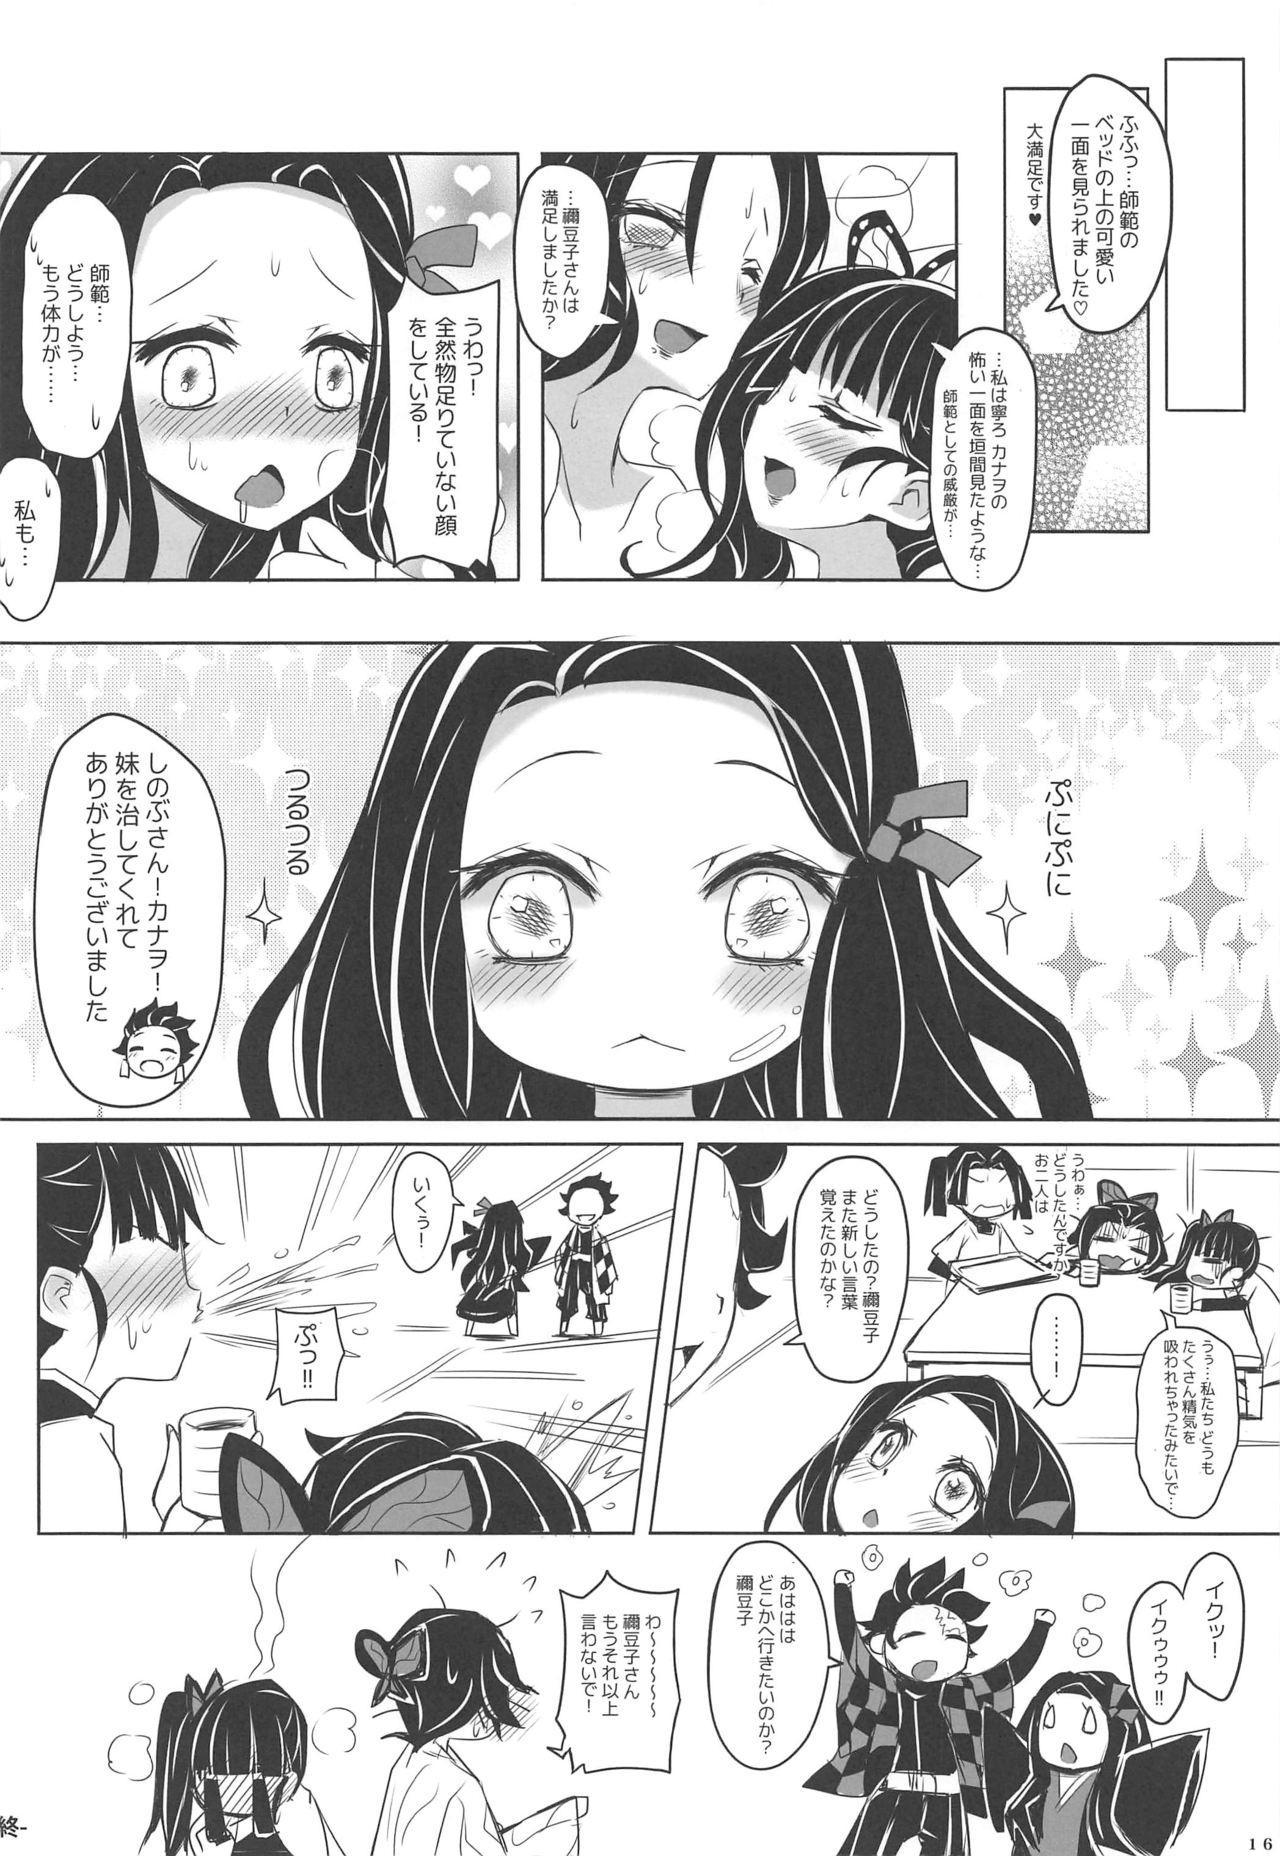 Saikin, Imouto no Yousu ga Chotto Okashiin daga. 16